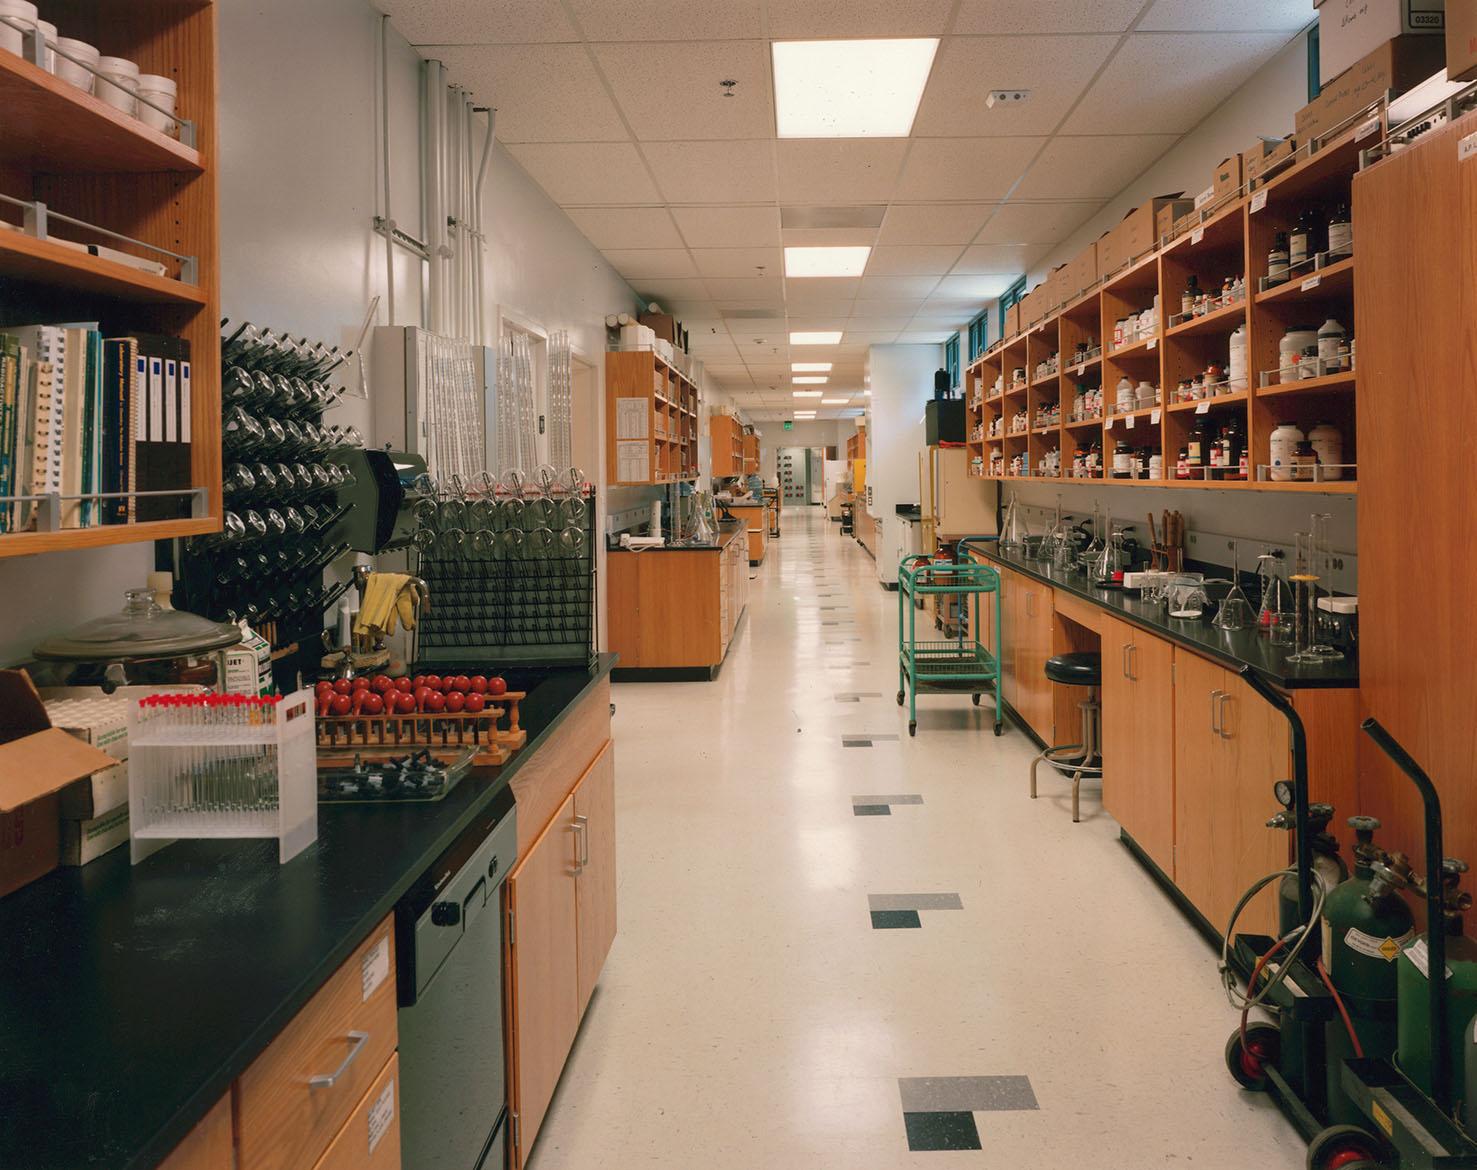 Munger Science Lab